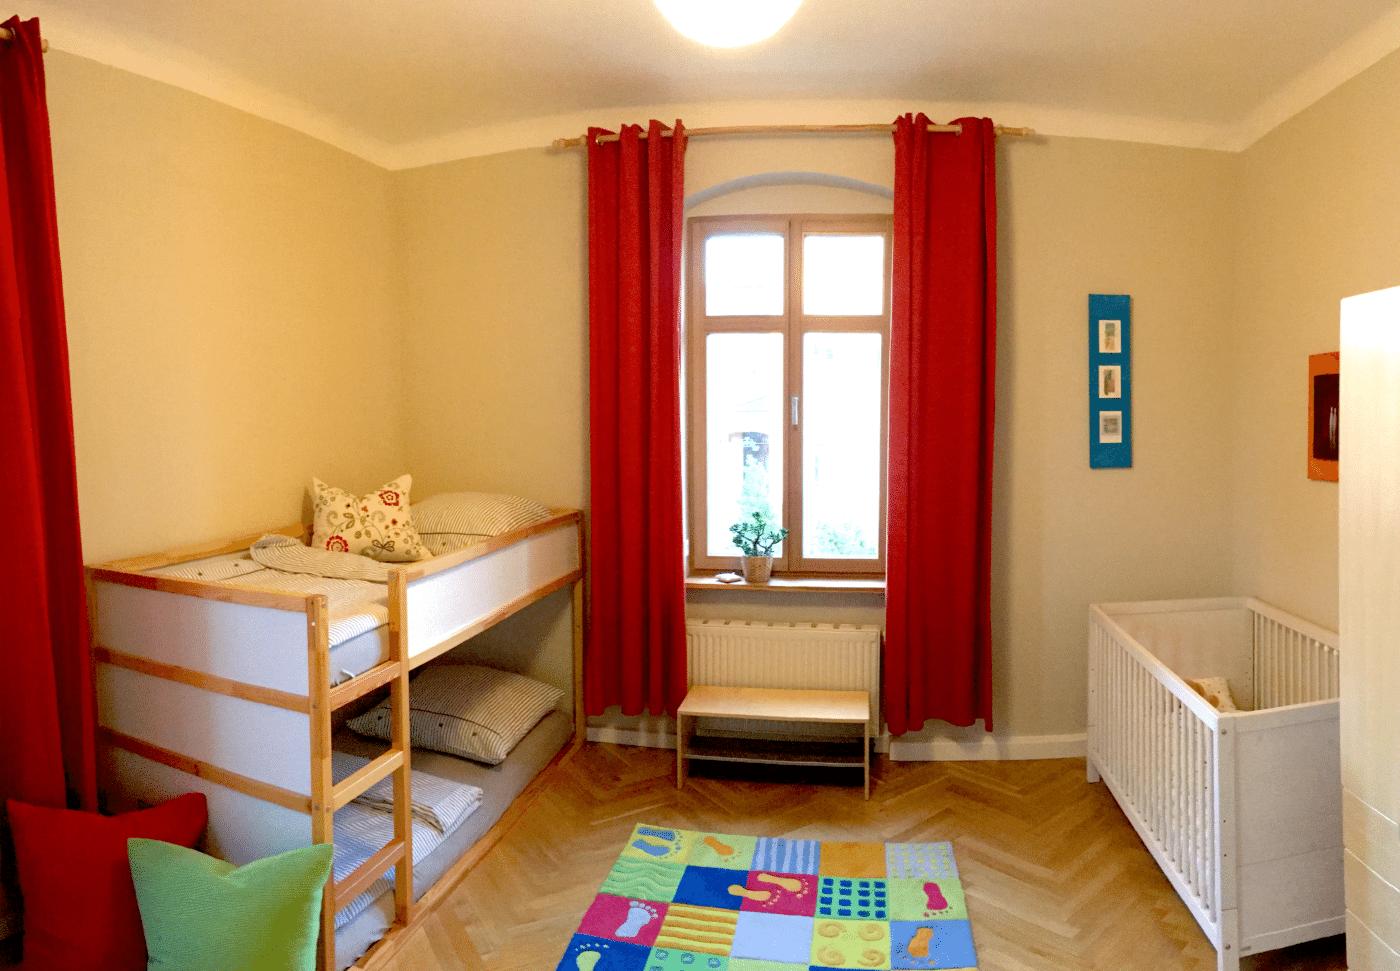 Schön Villa Kinderzimmer Fotos - Das Beste Architekturbild - huepie.com